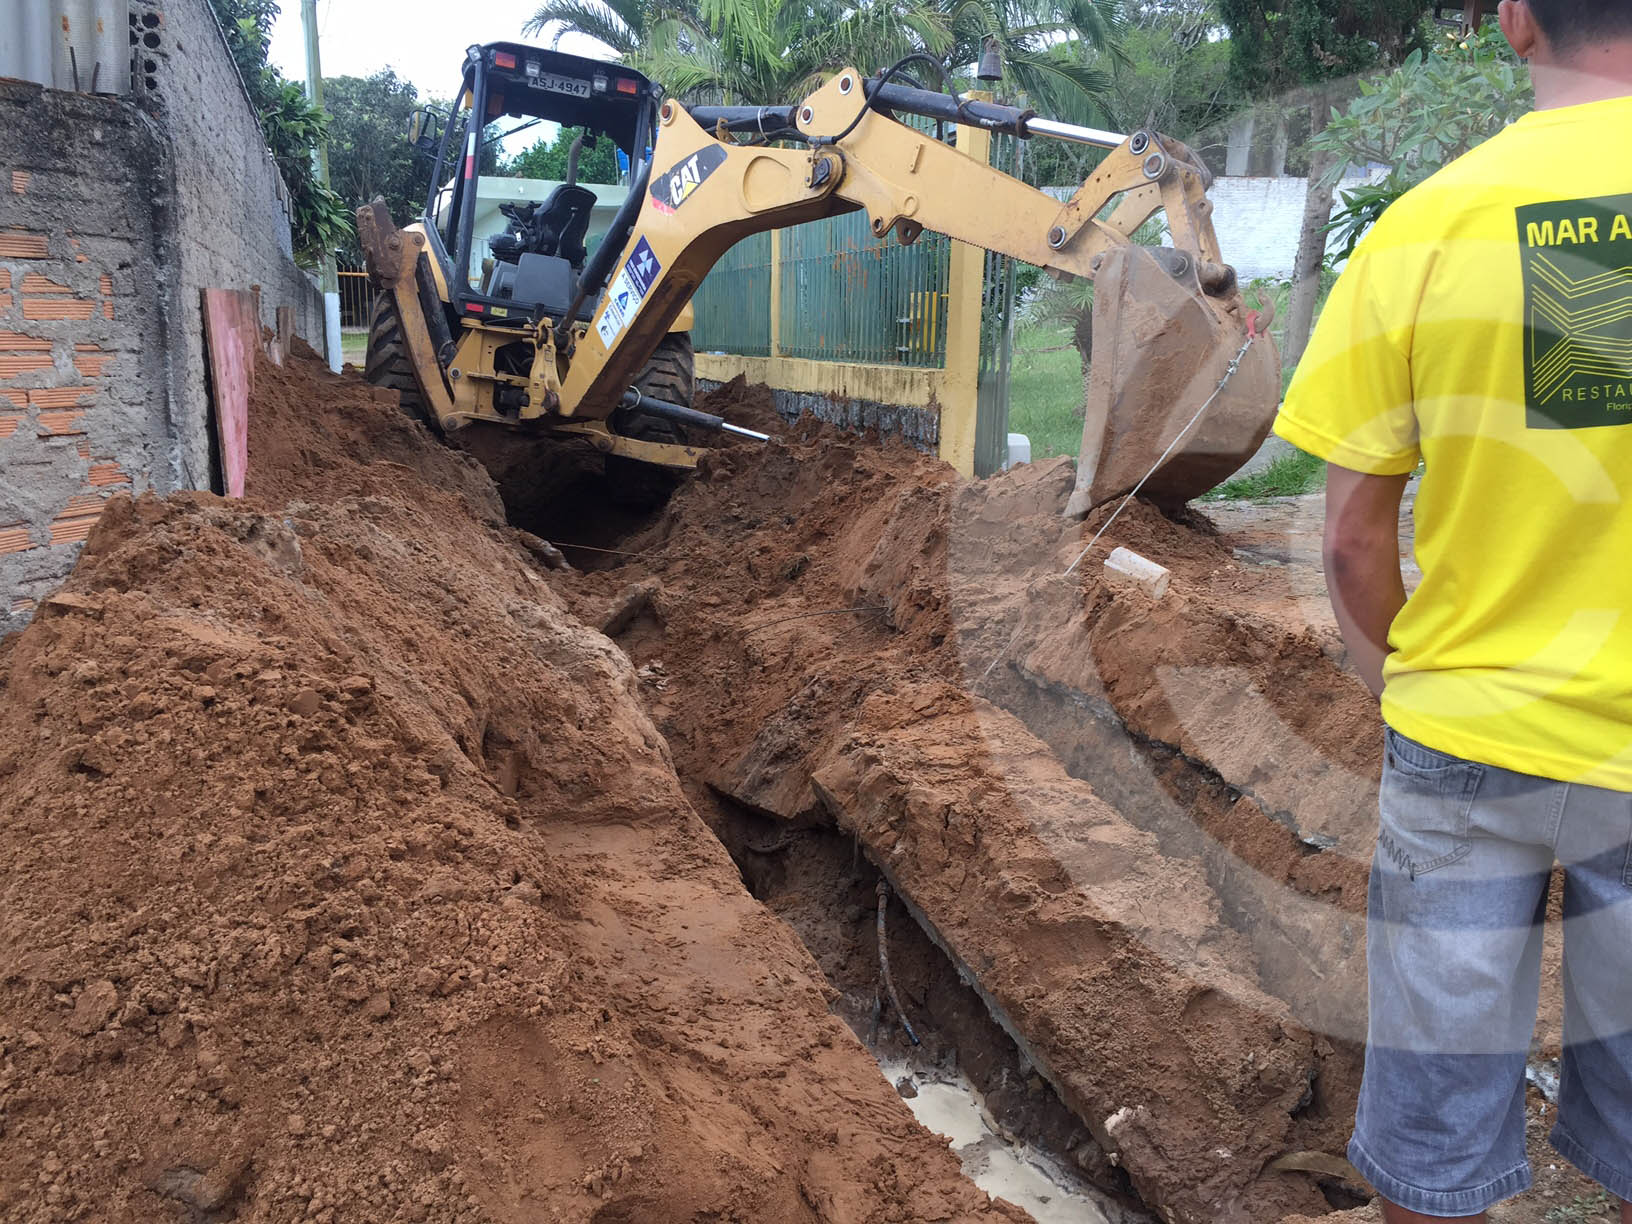 Trabalhador é soterrado em vala durante obra de ampliação do esgoto